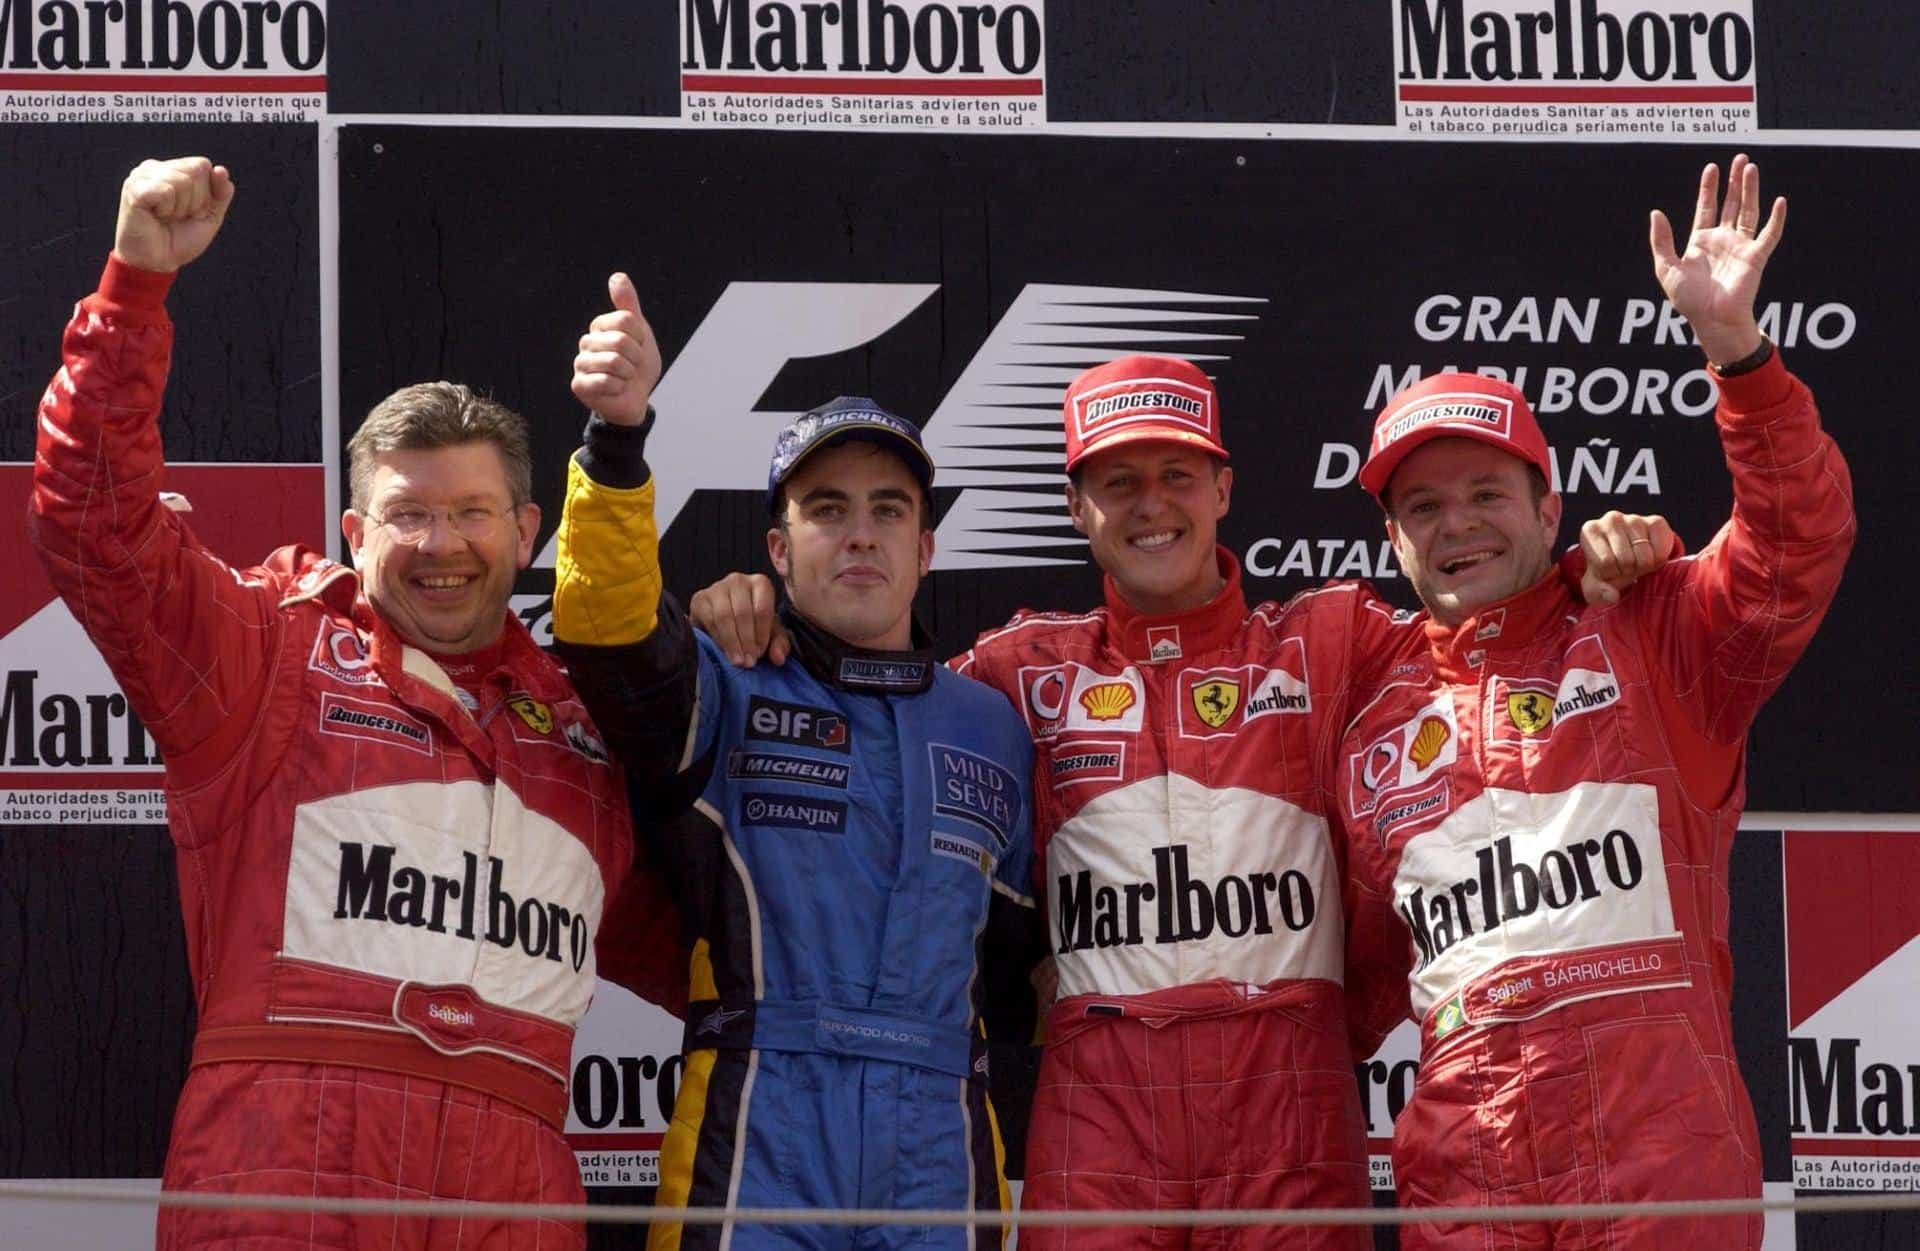 Spanish GP F1 2003 podium Brawn Alonso Schumacher Barrichello Foto Ferrari